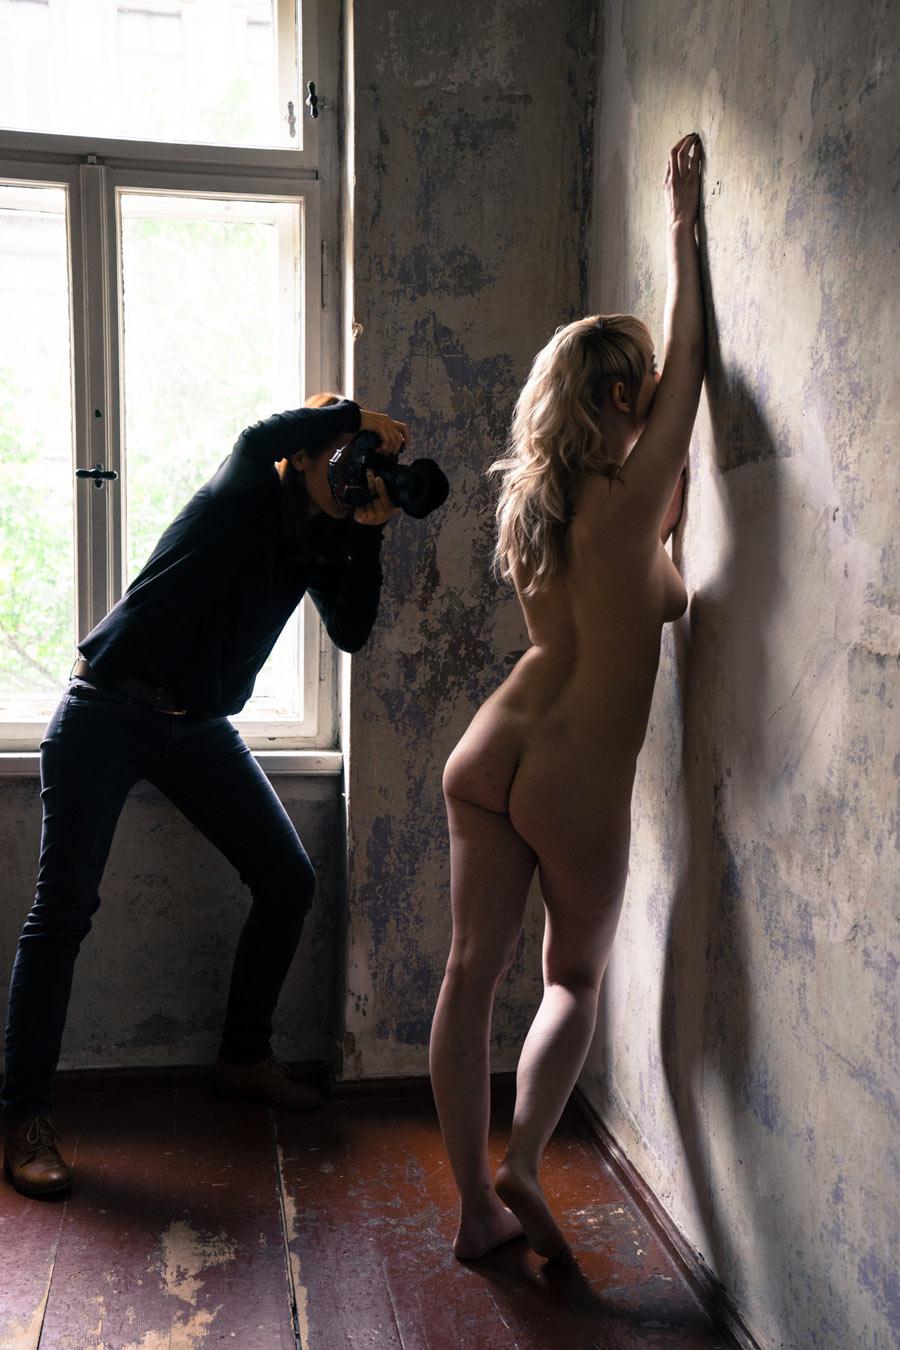 fotoworkshop_DAS-EROTISCHE-MOMENT_antje_kroeger22